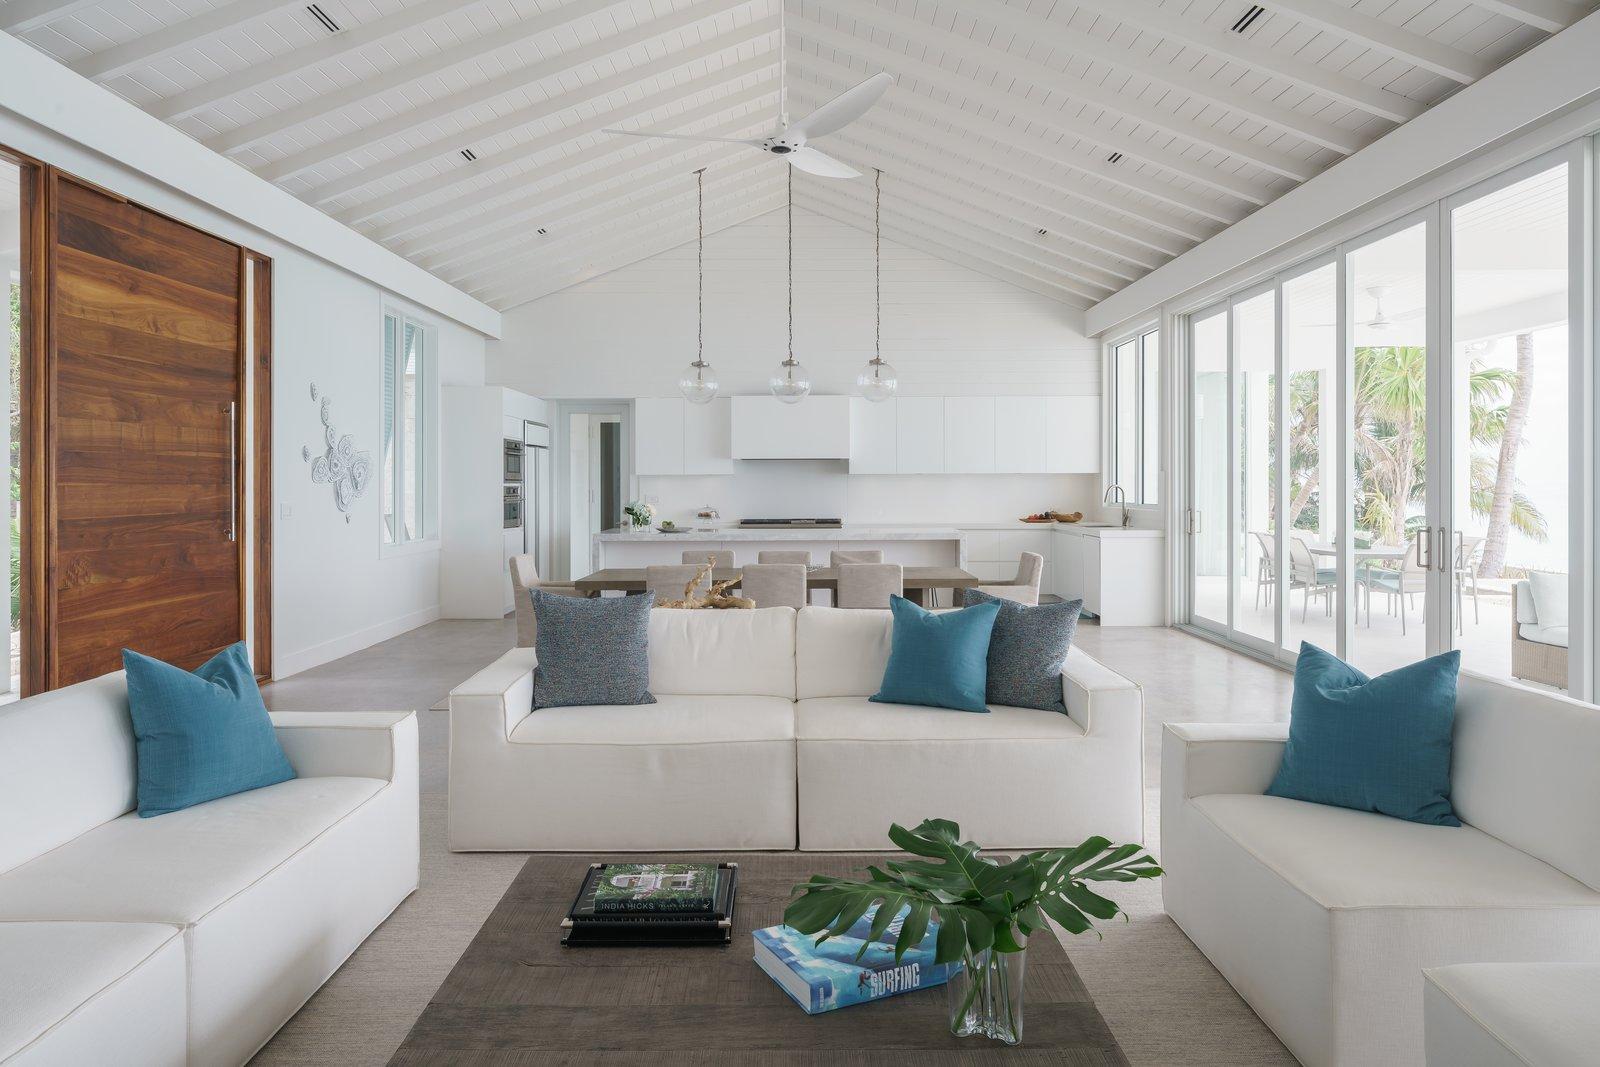 cay cay residence designed by miami architectural design studio touzet studio